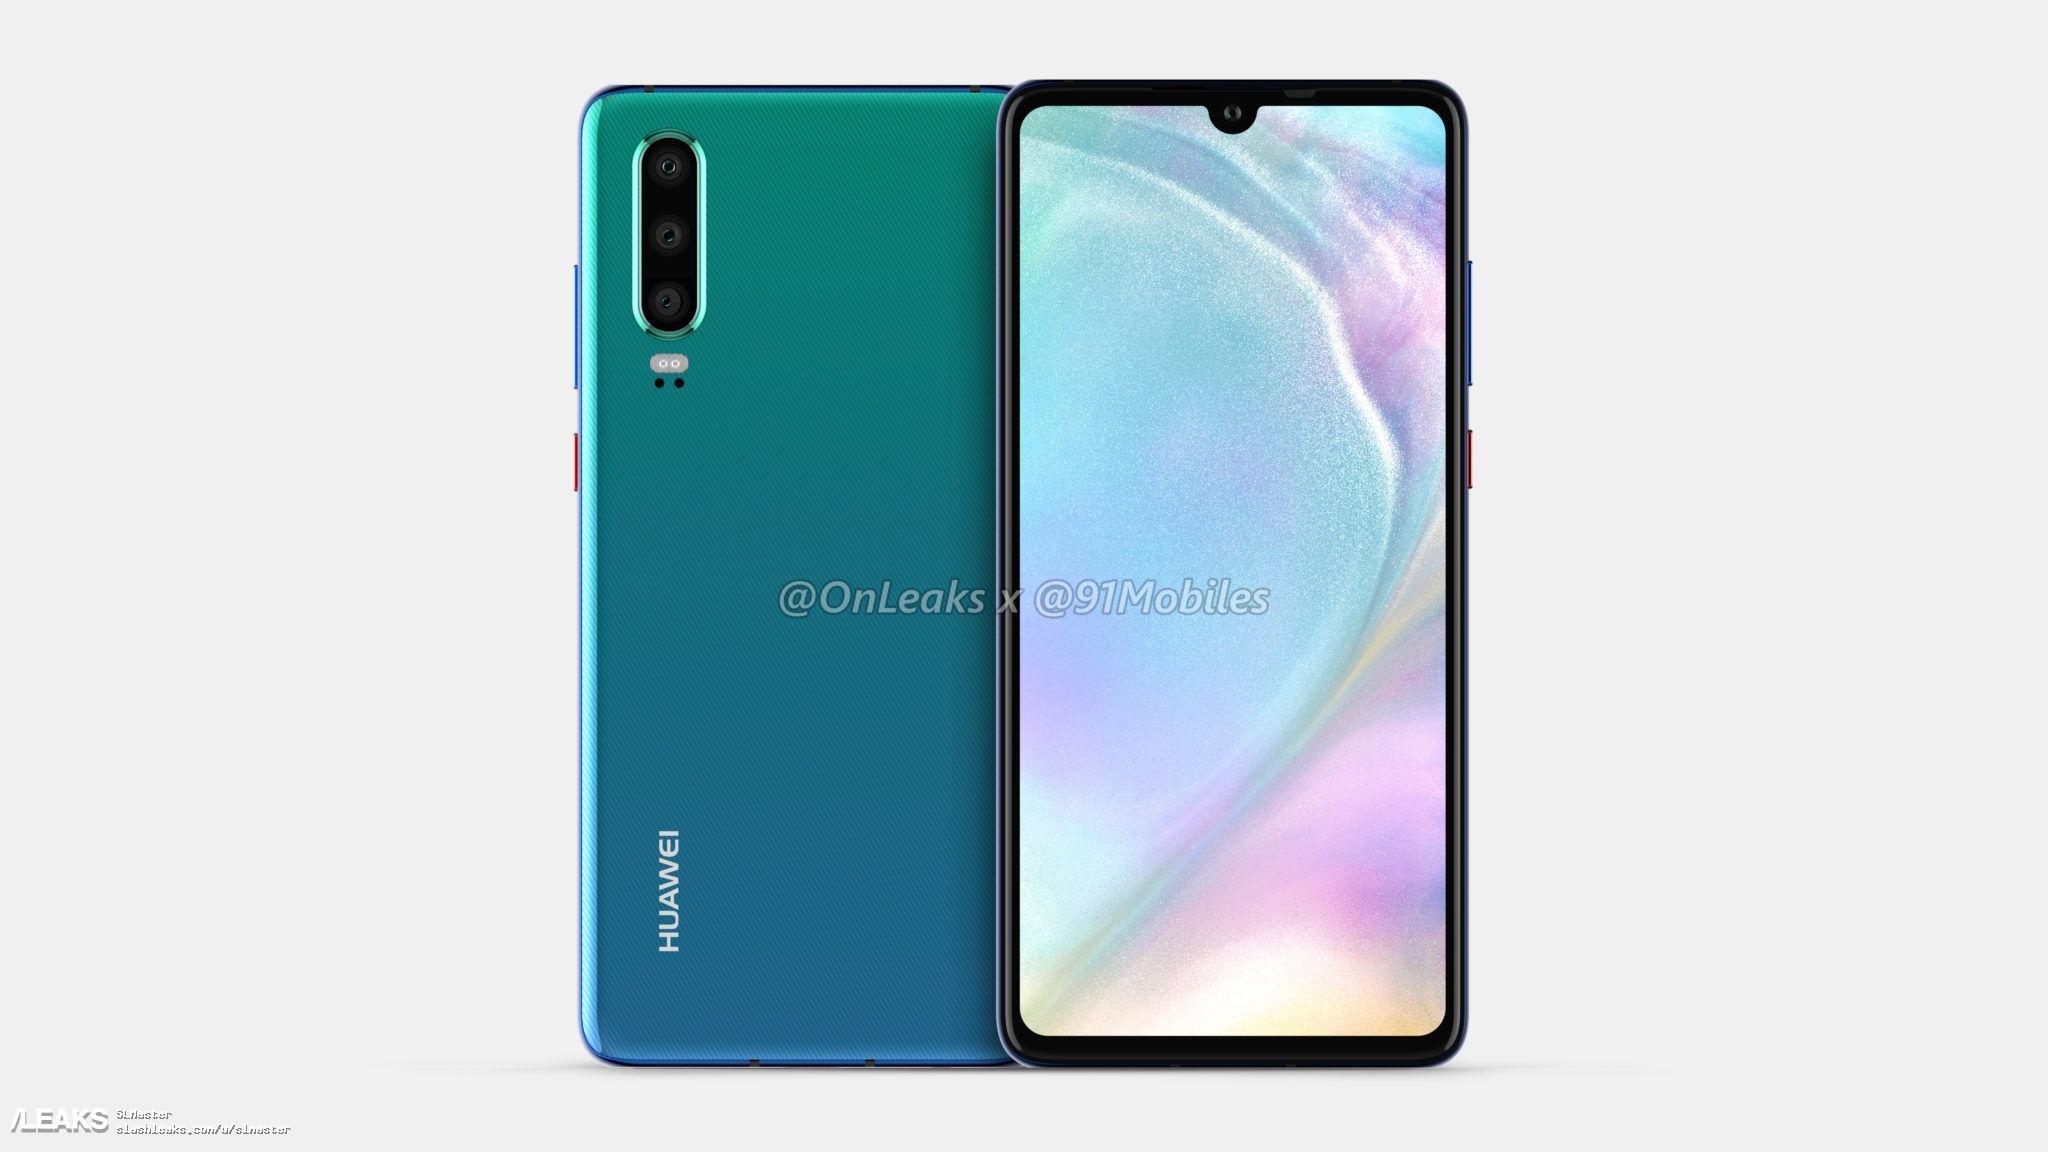 img Huawei P30 renders by Onleaks